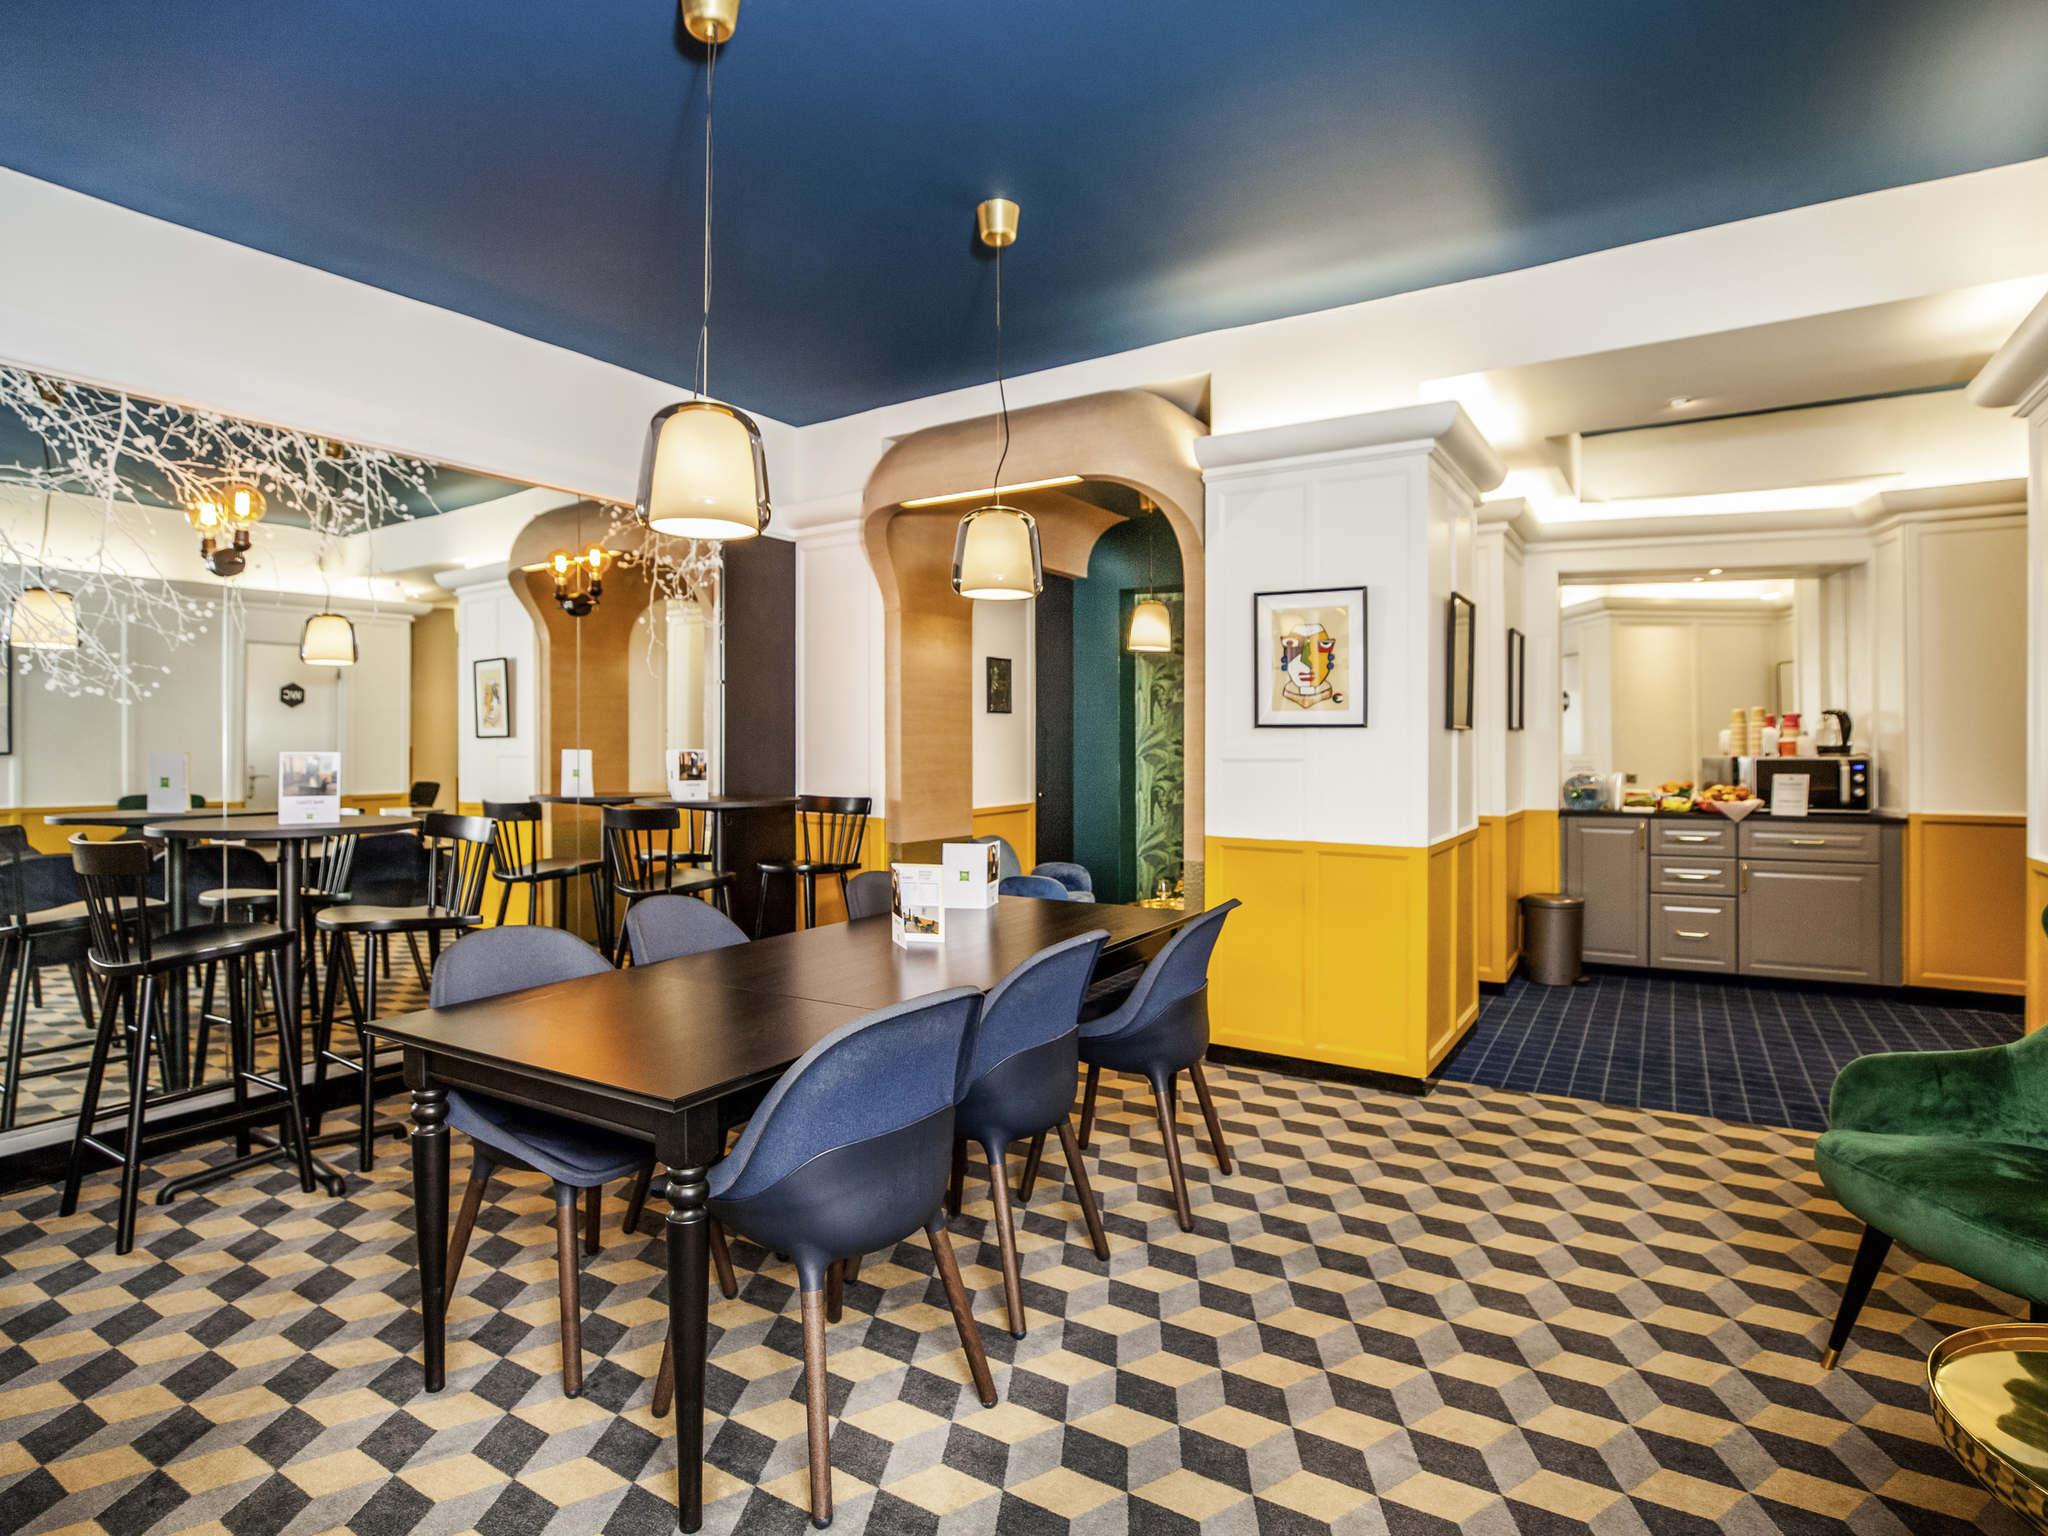 โรงแรม – ไอบิส สไตลส์ คาเด็ต ลาฟาแยต